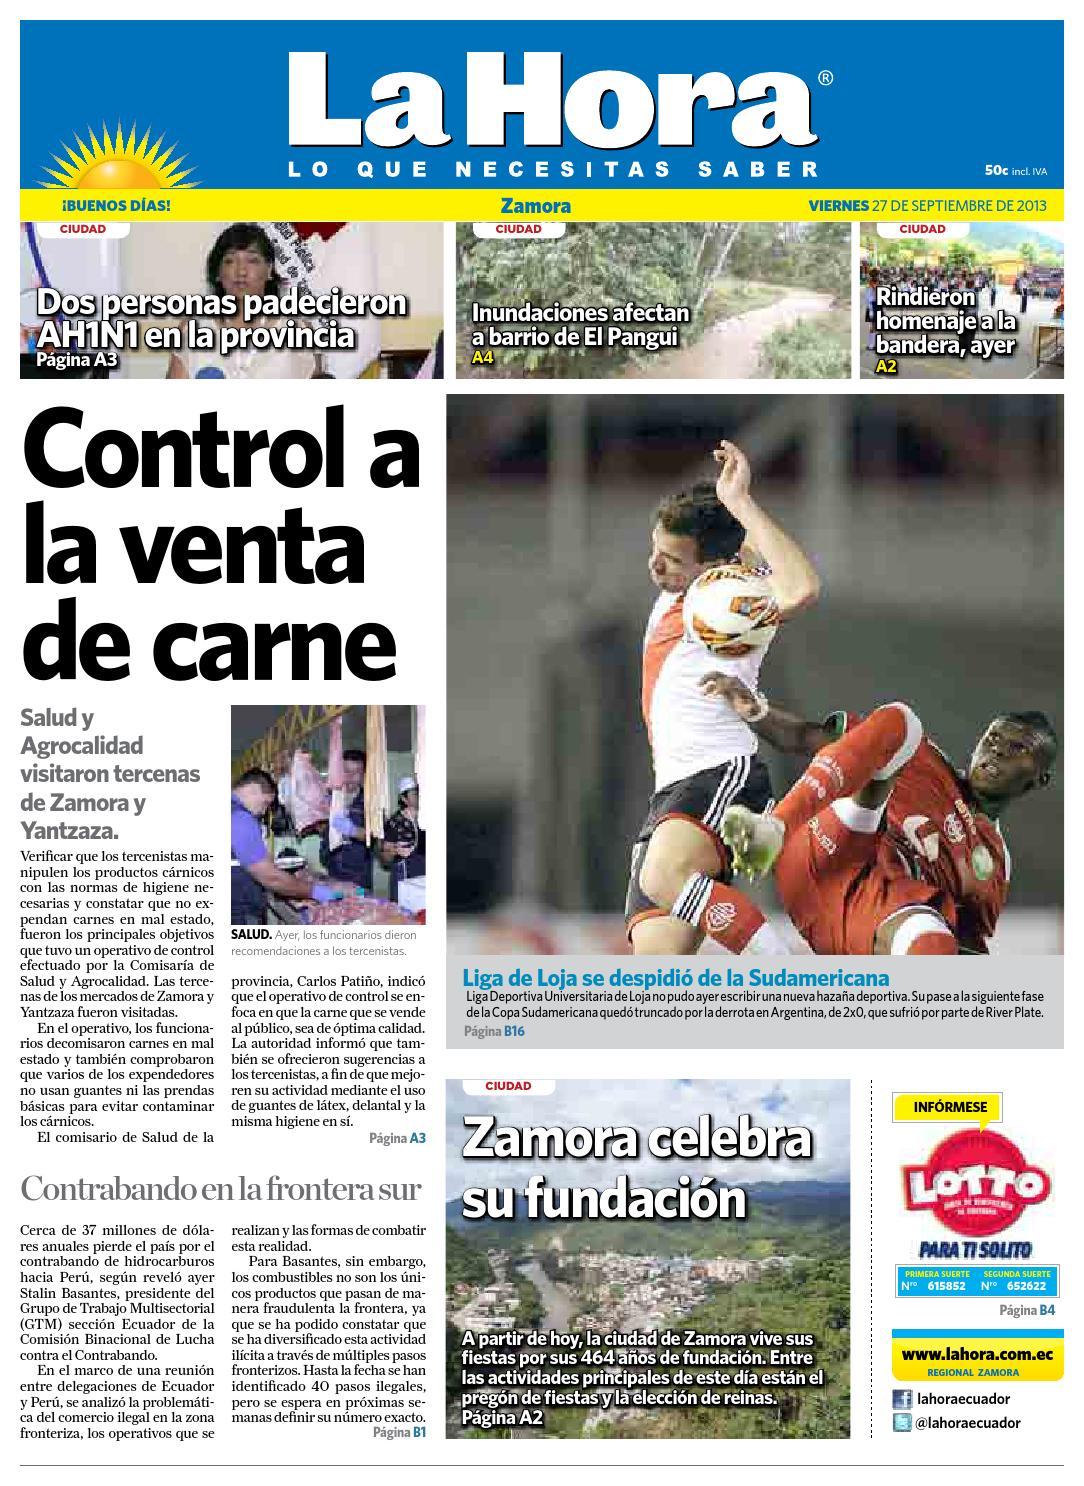 Diario La Hora Zamora 27 De Septiembre 2013 By Diario La Hora  # Muebles Bailon Peligros